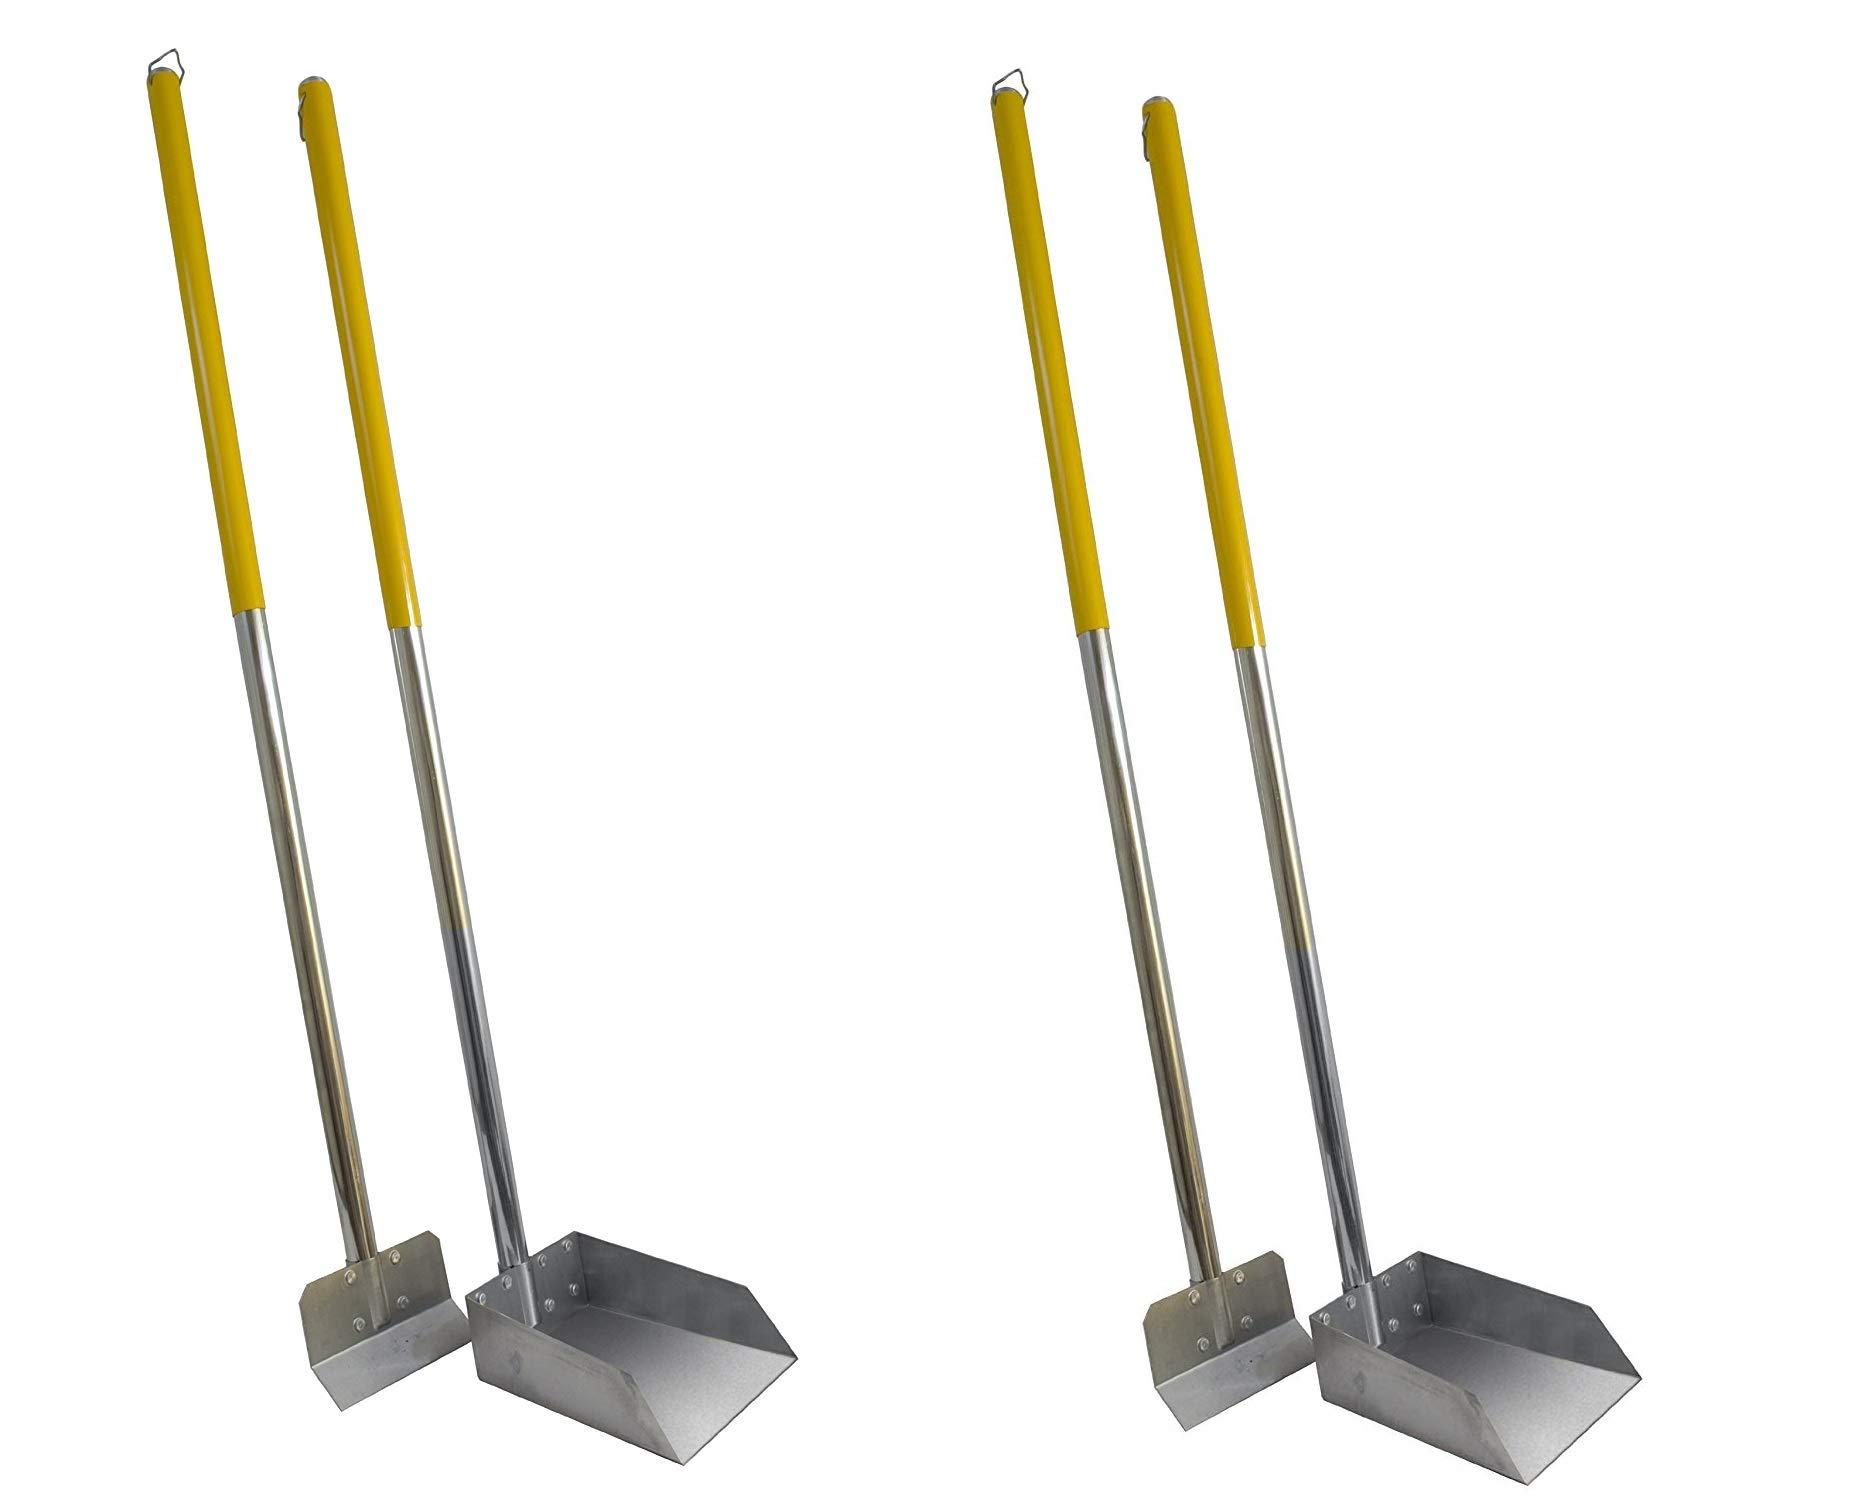 Flexrake Standard Poop Pet Scoop/Spade with 3-Feet Aluminum Handle (Pack of 2) by Flexrake